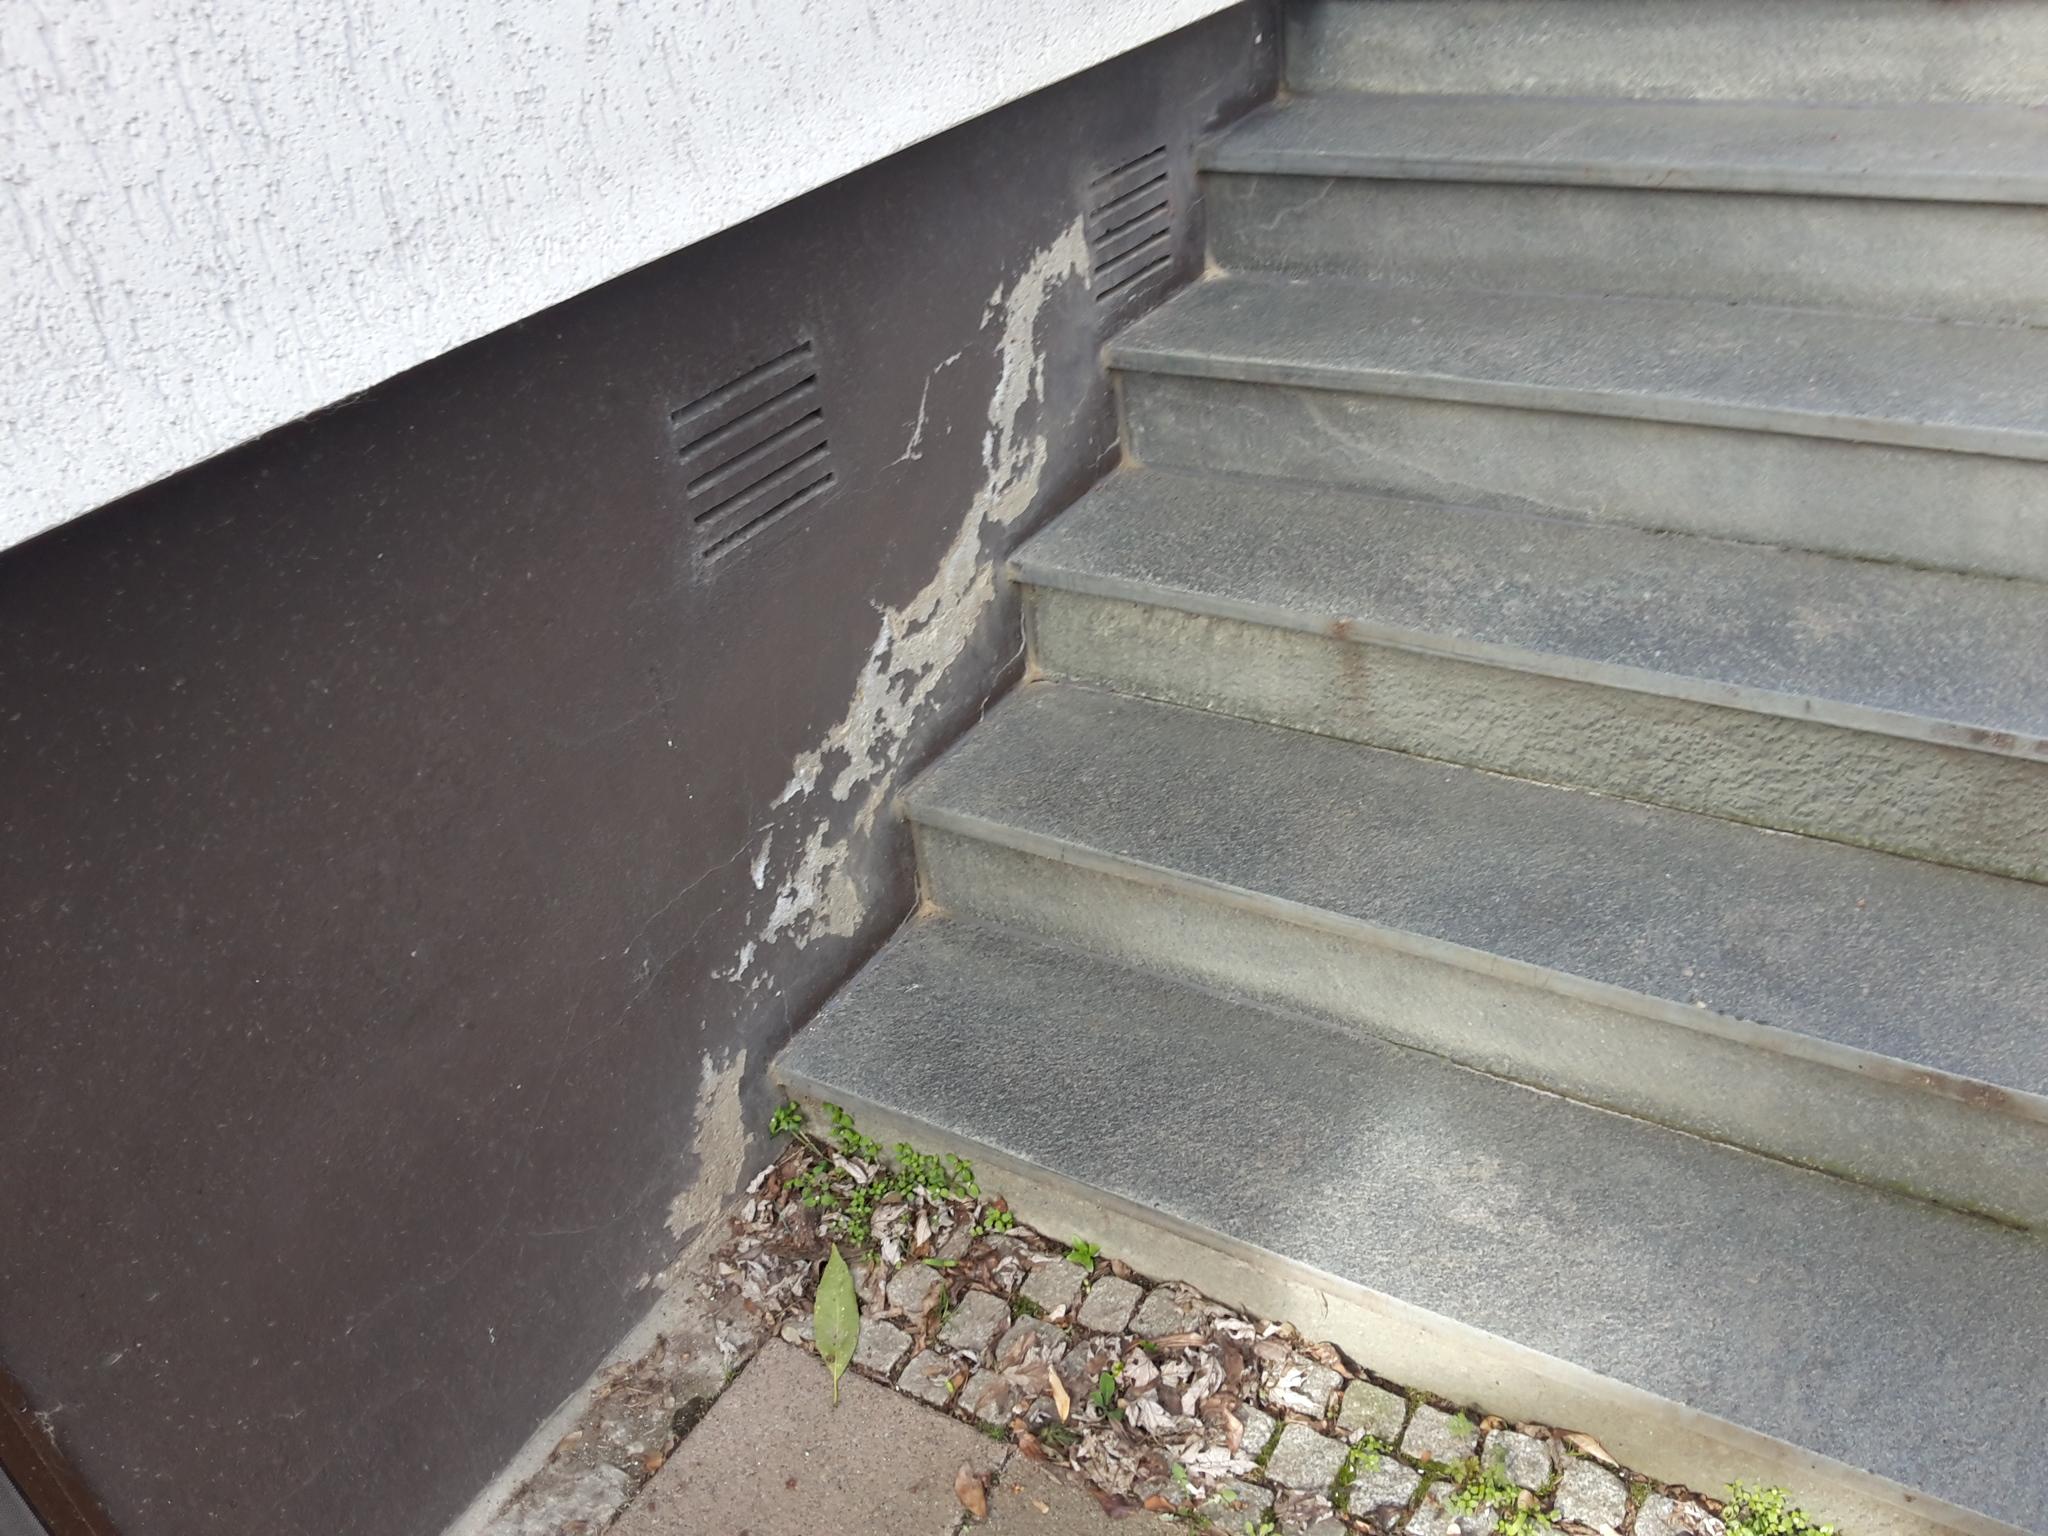 Ausblühungen Treppe - Lösung für feuchte Wände - was tun?